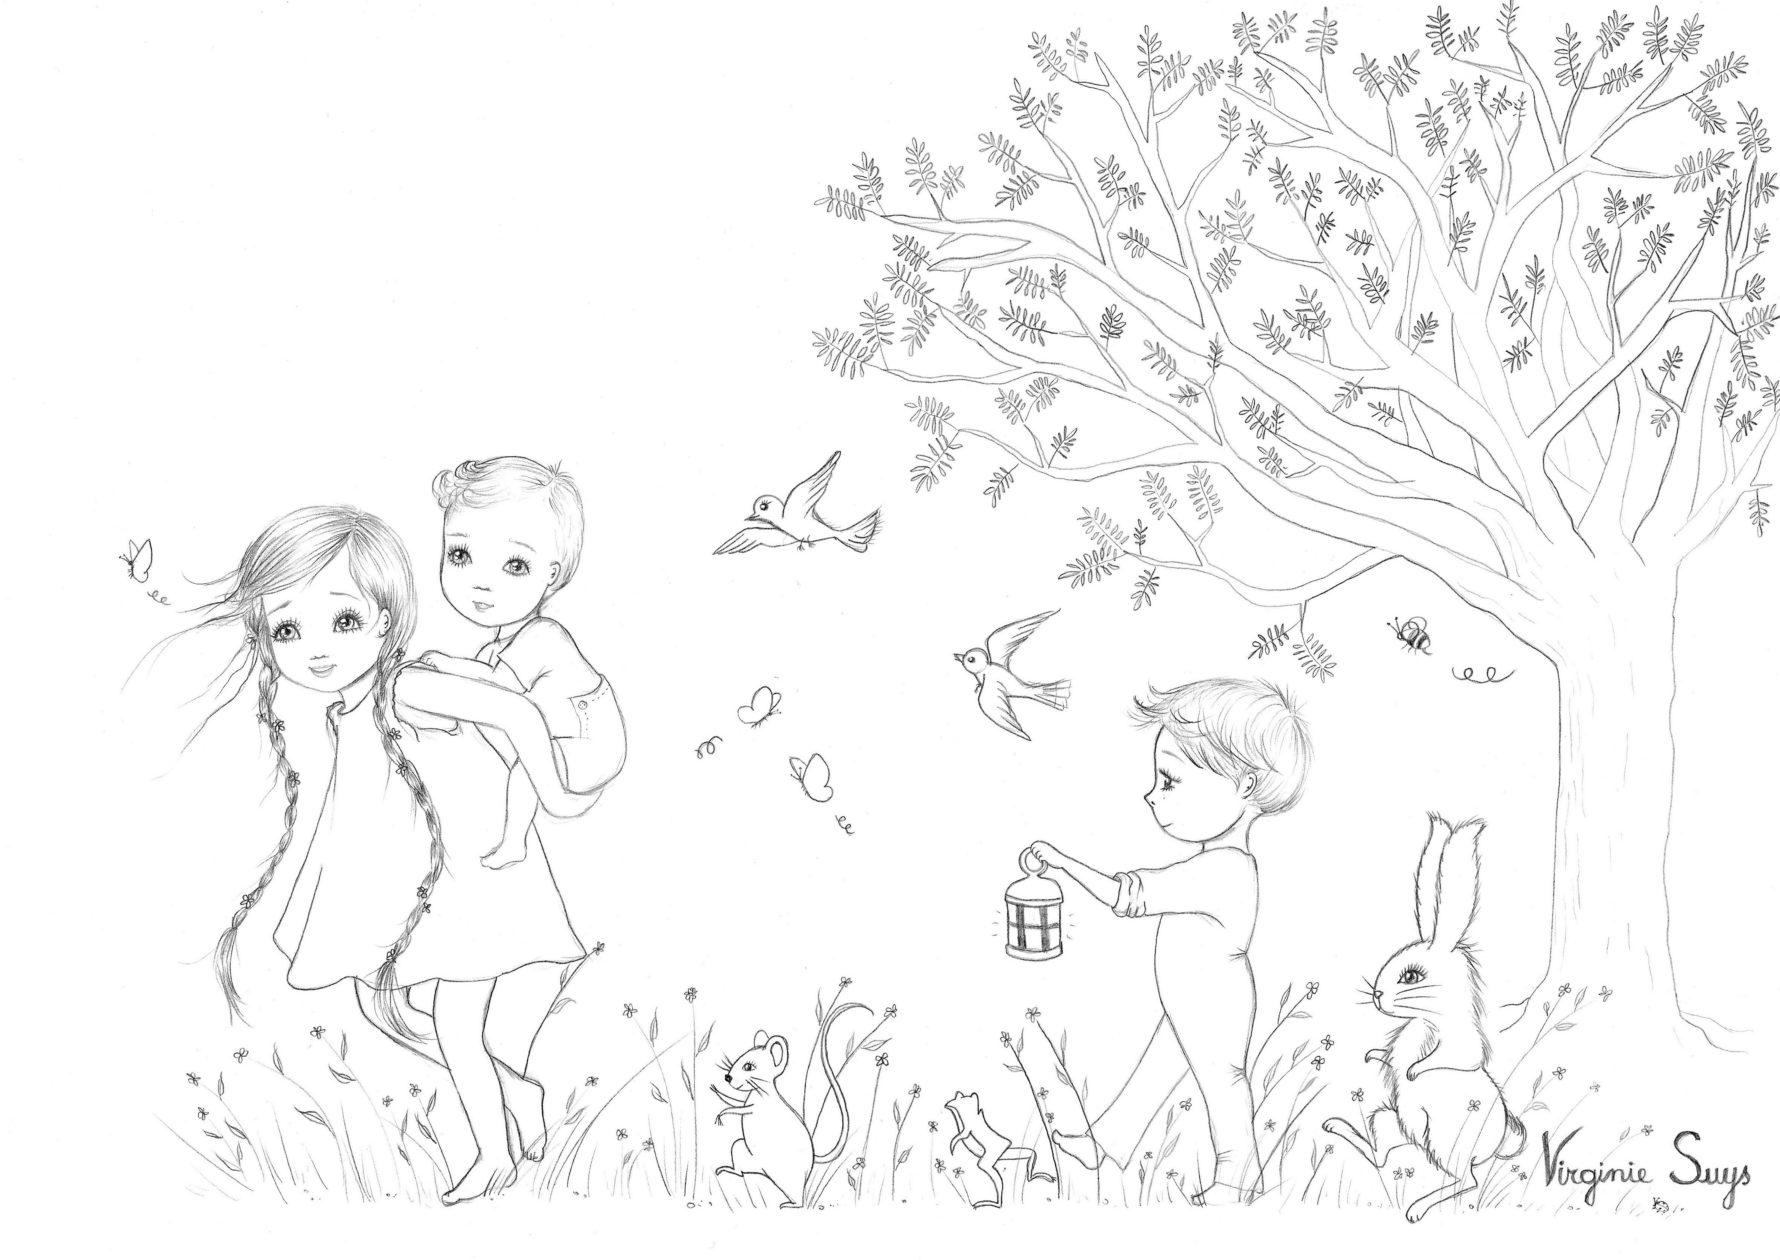 Virginie Suys Children in the forest in black & white illustration